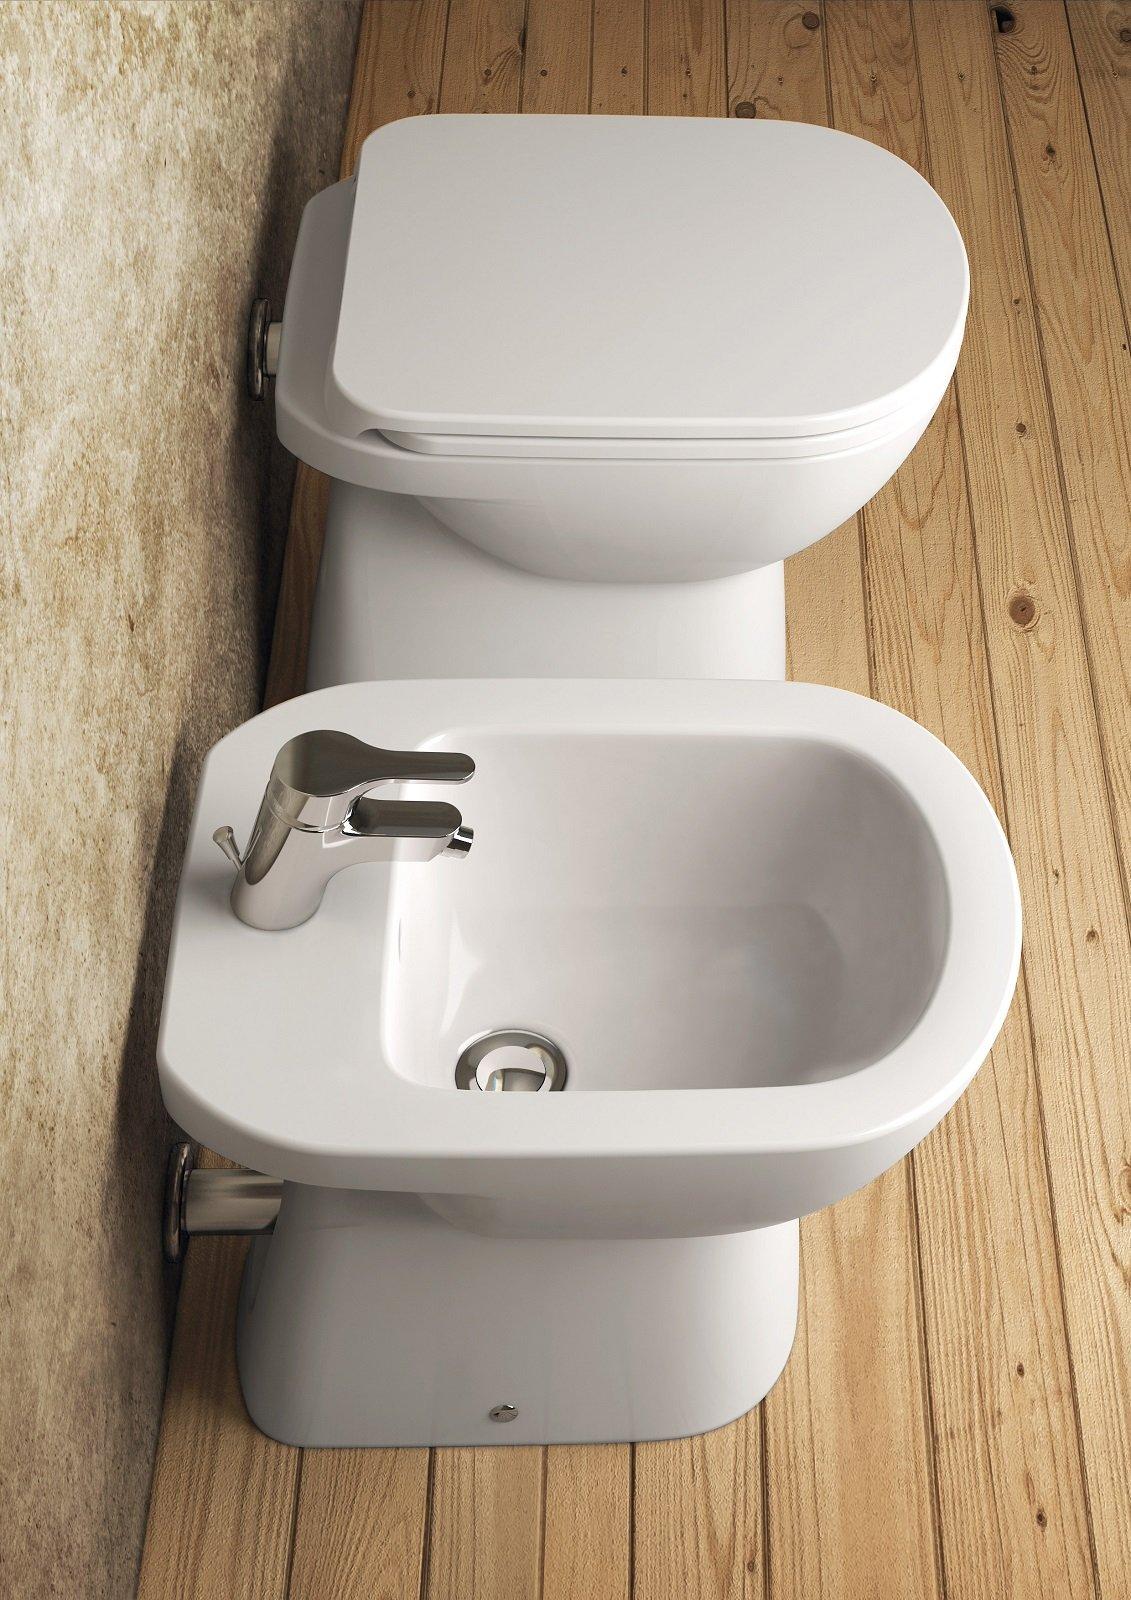 Eleganti vasi e bidet in stile minimal i sanitari salvaspazio - Sanitari bagno dolomite ...